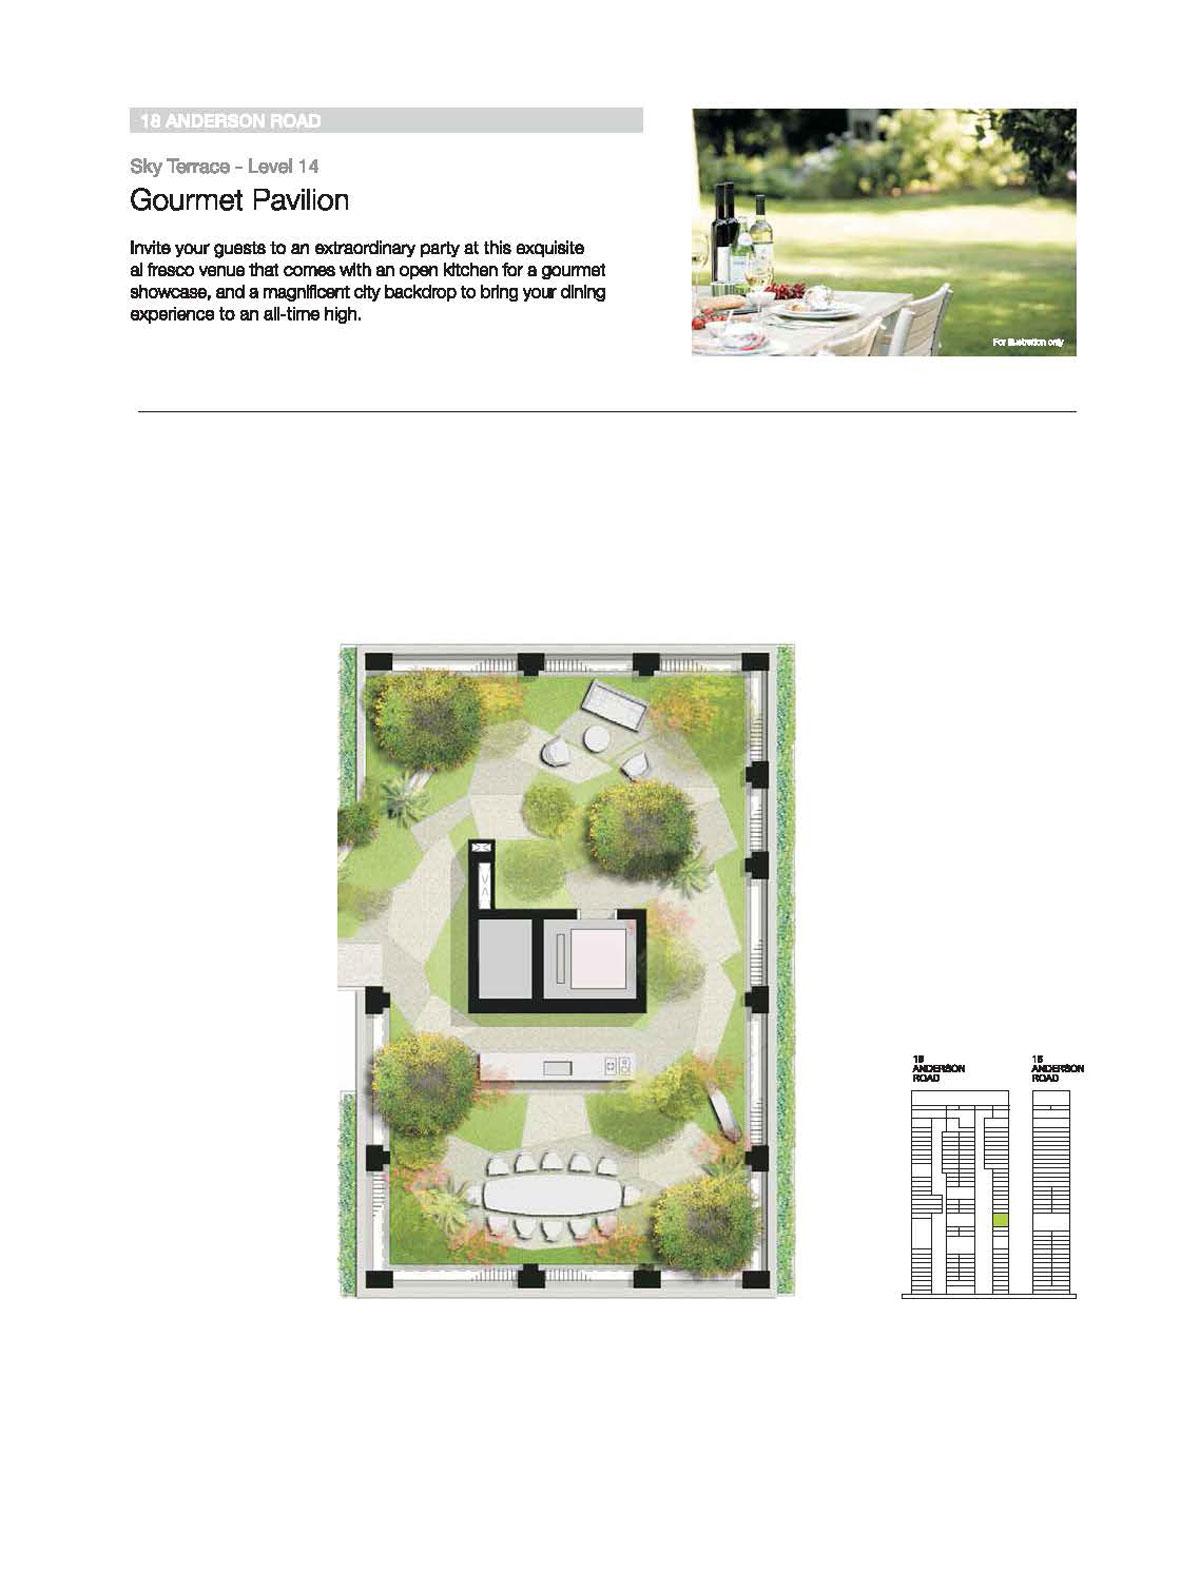 Nouvel-18-Site-Plan7.jpg